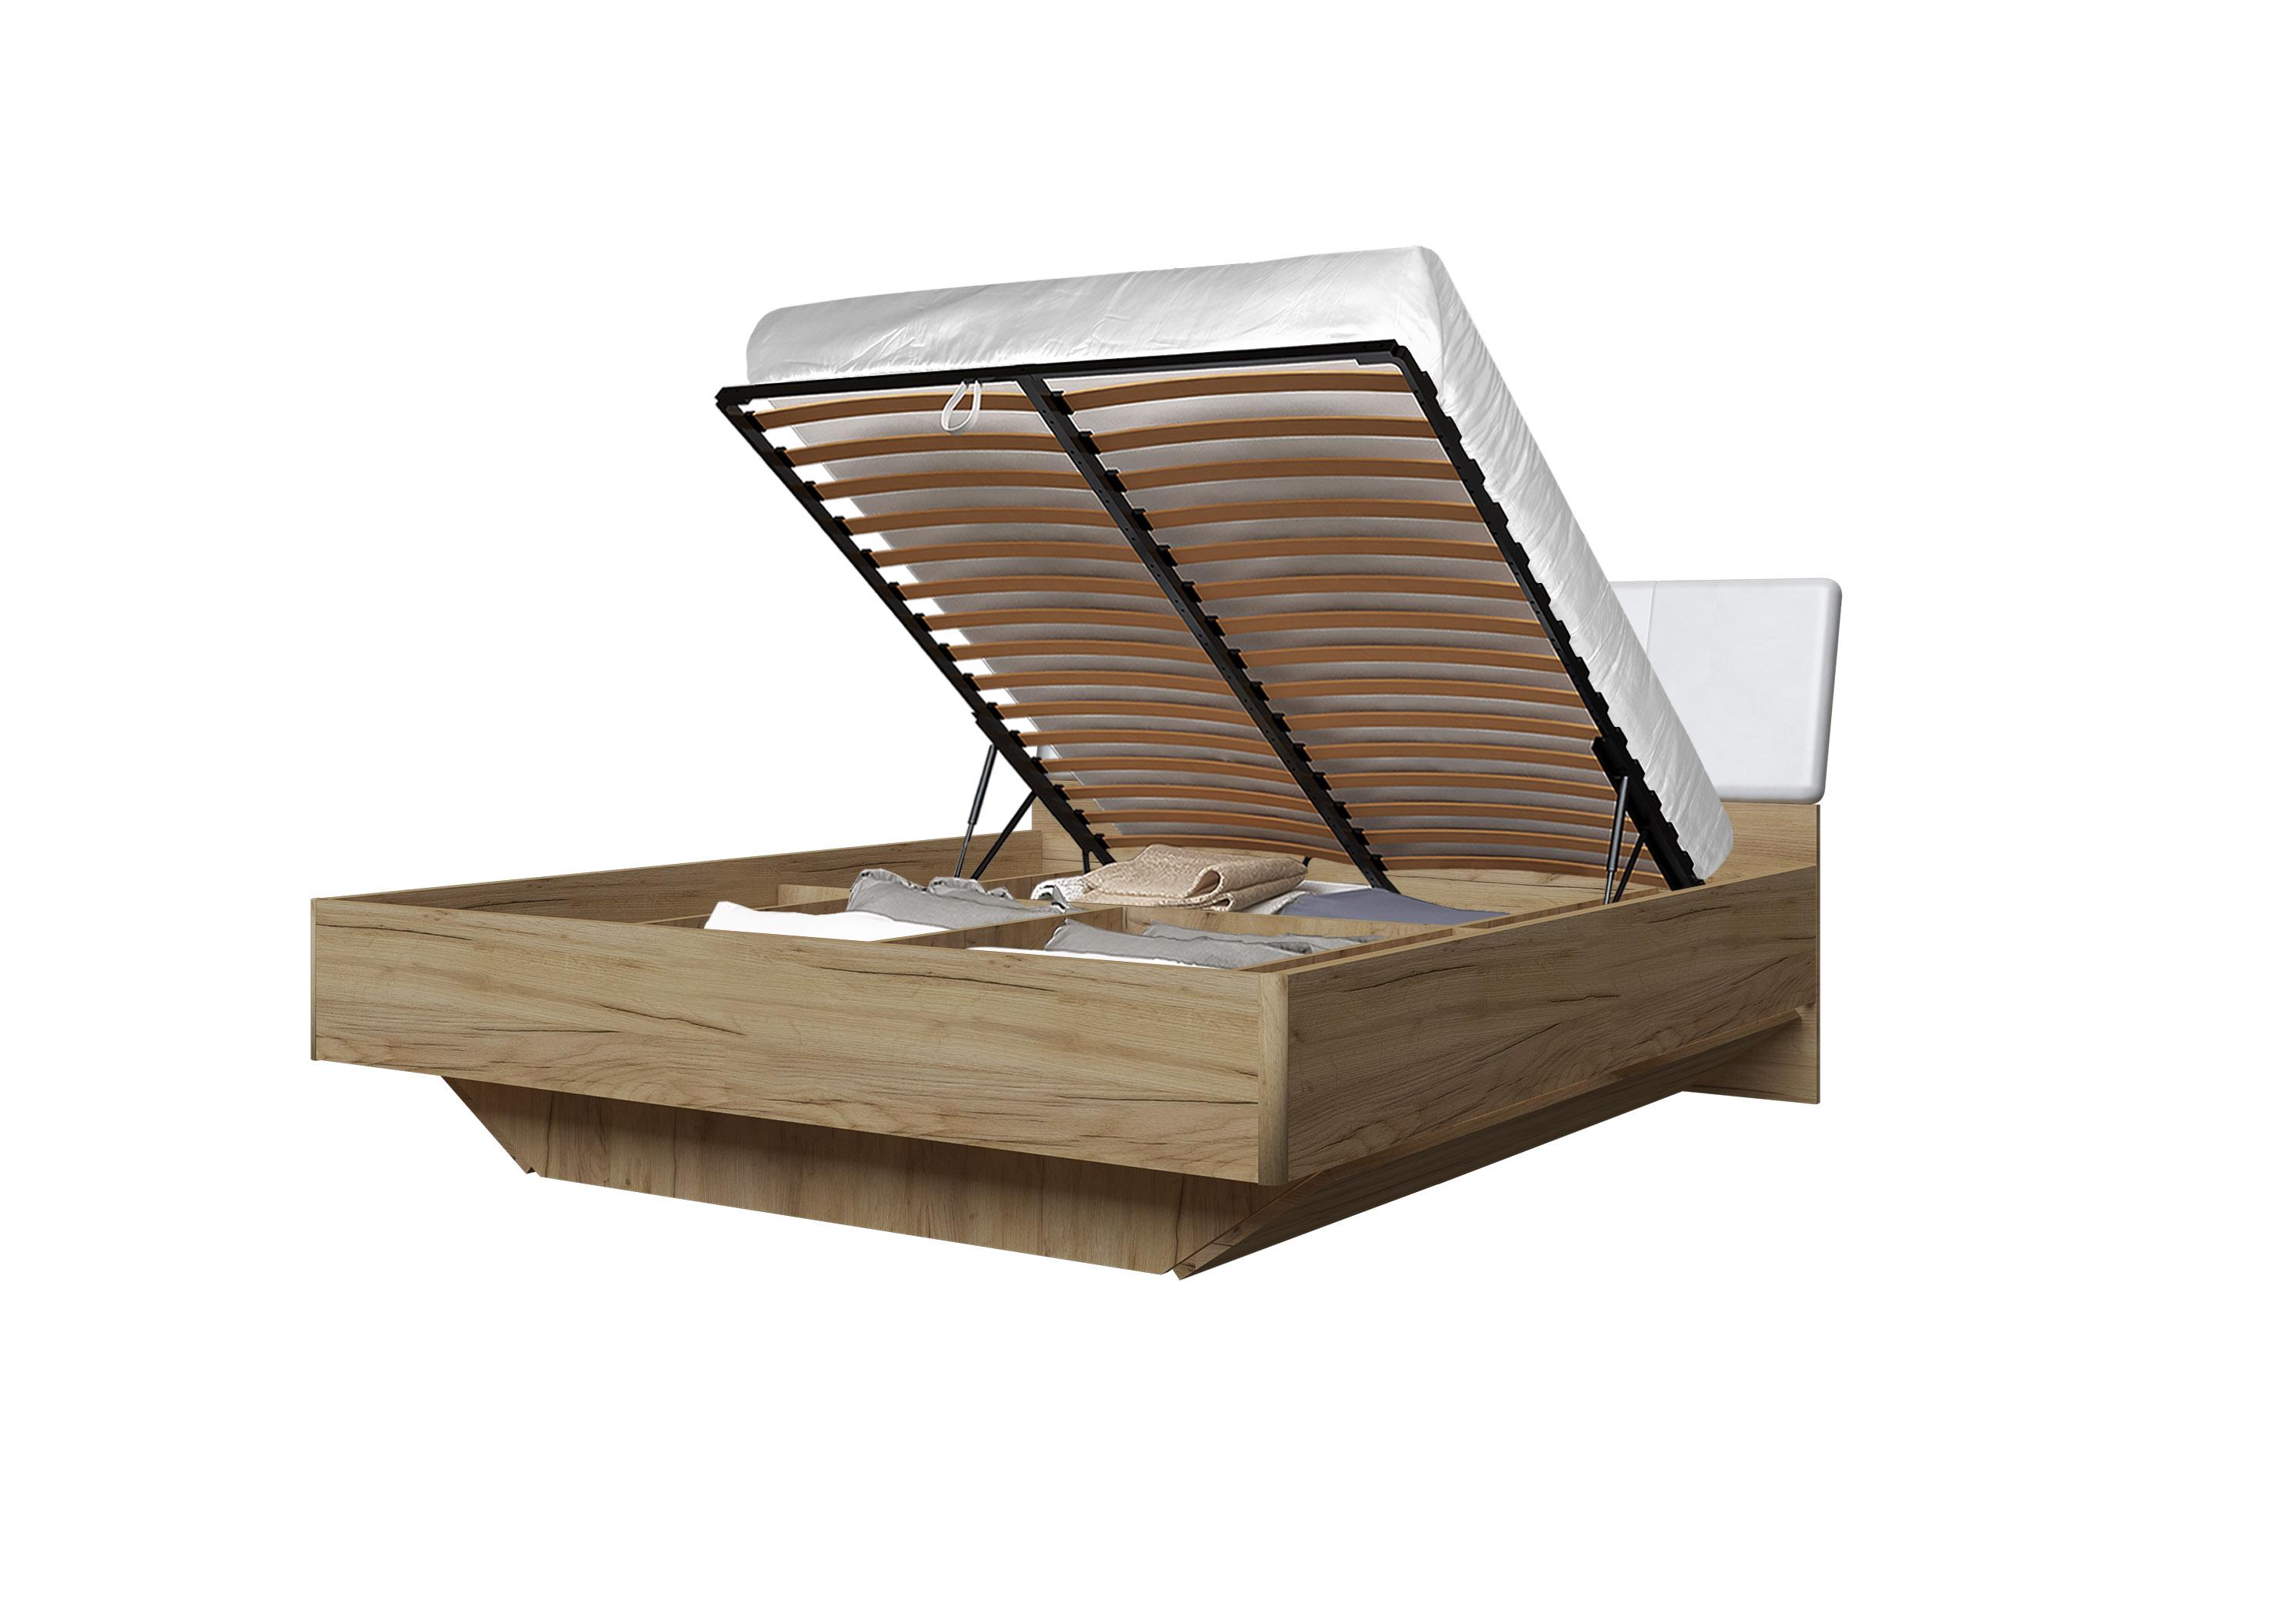 Doppelbett Toskana 180x200 in Eiche/Weiss inkl. Bettkasten